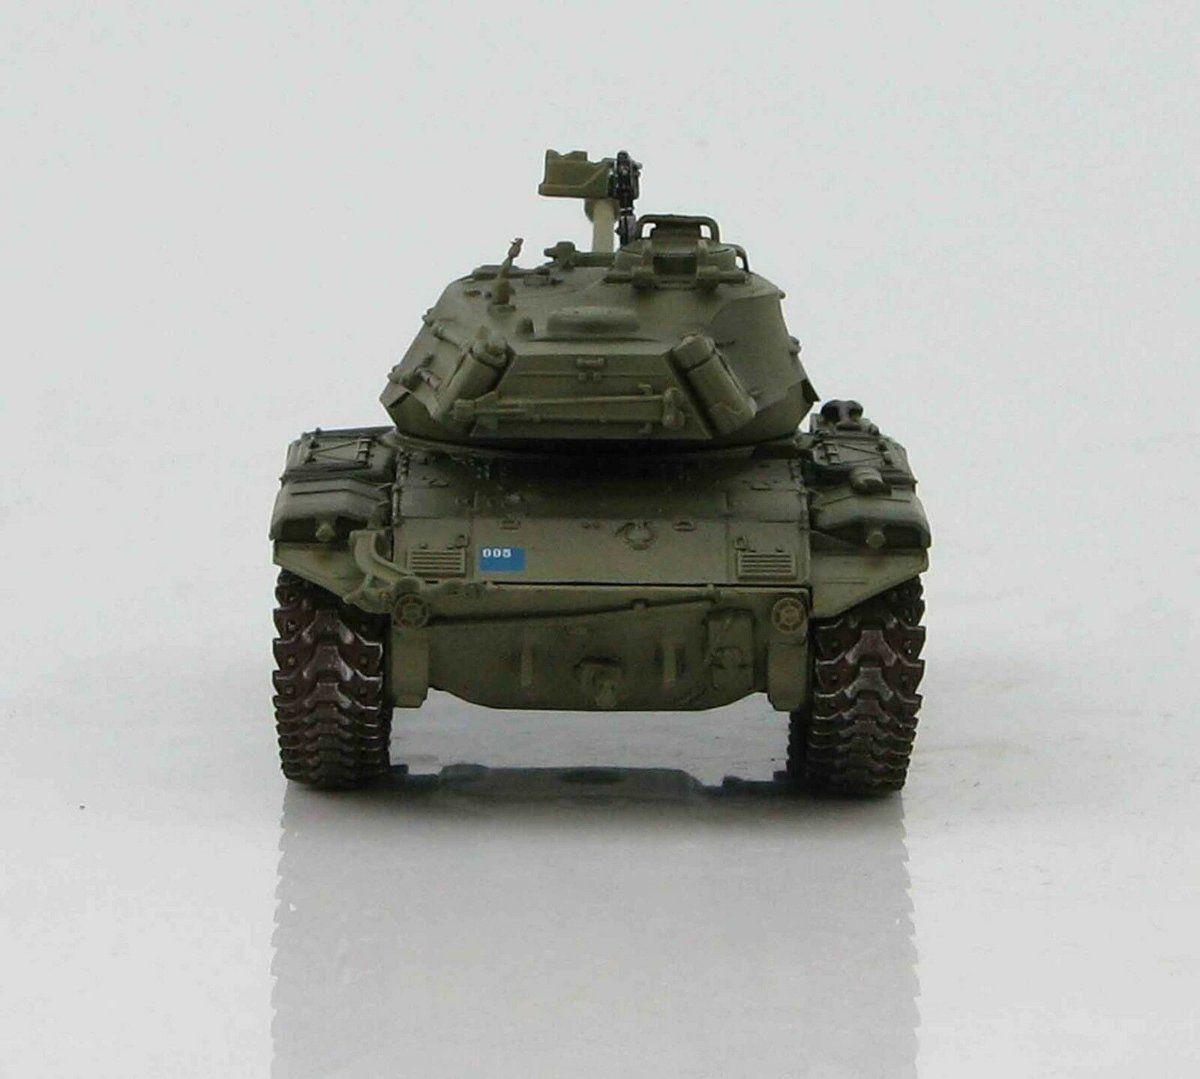 Die cast 1//72 Modellino Carro Armato Tank M41A3 Walker Bulldog 4th Cavalry Thai